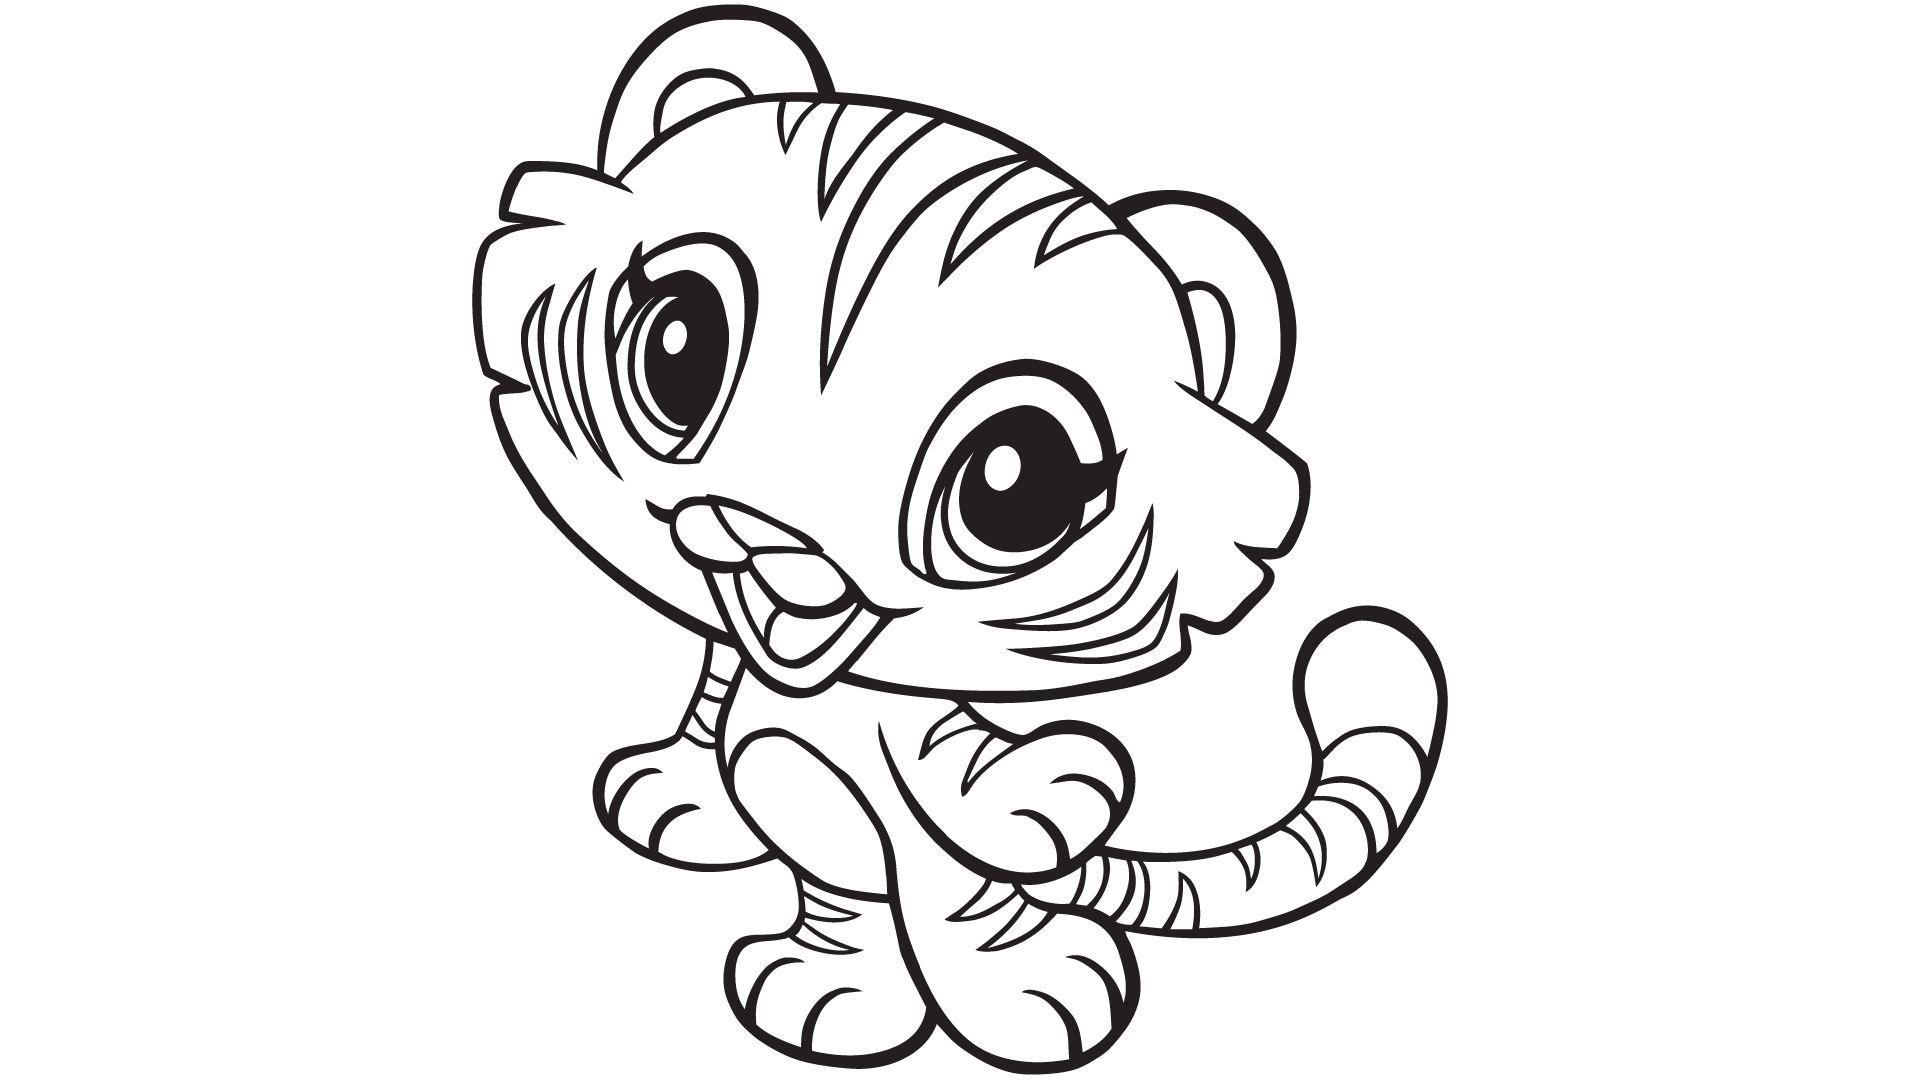 Tranh tô màu bé hổ con nhỏ bé